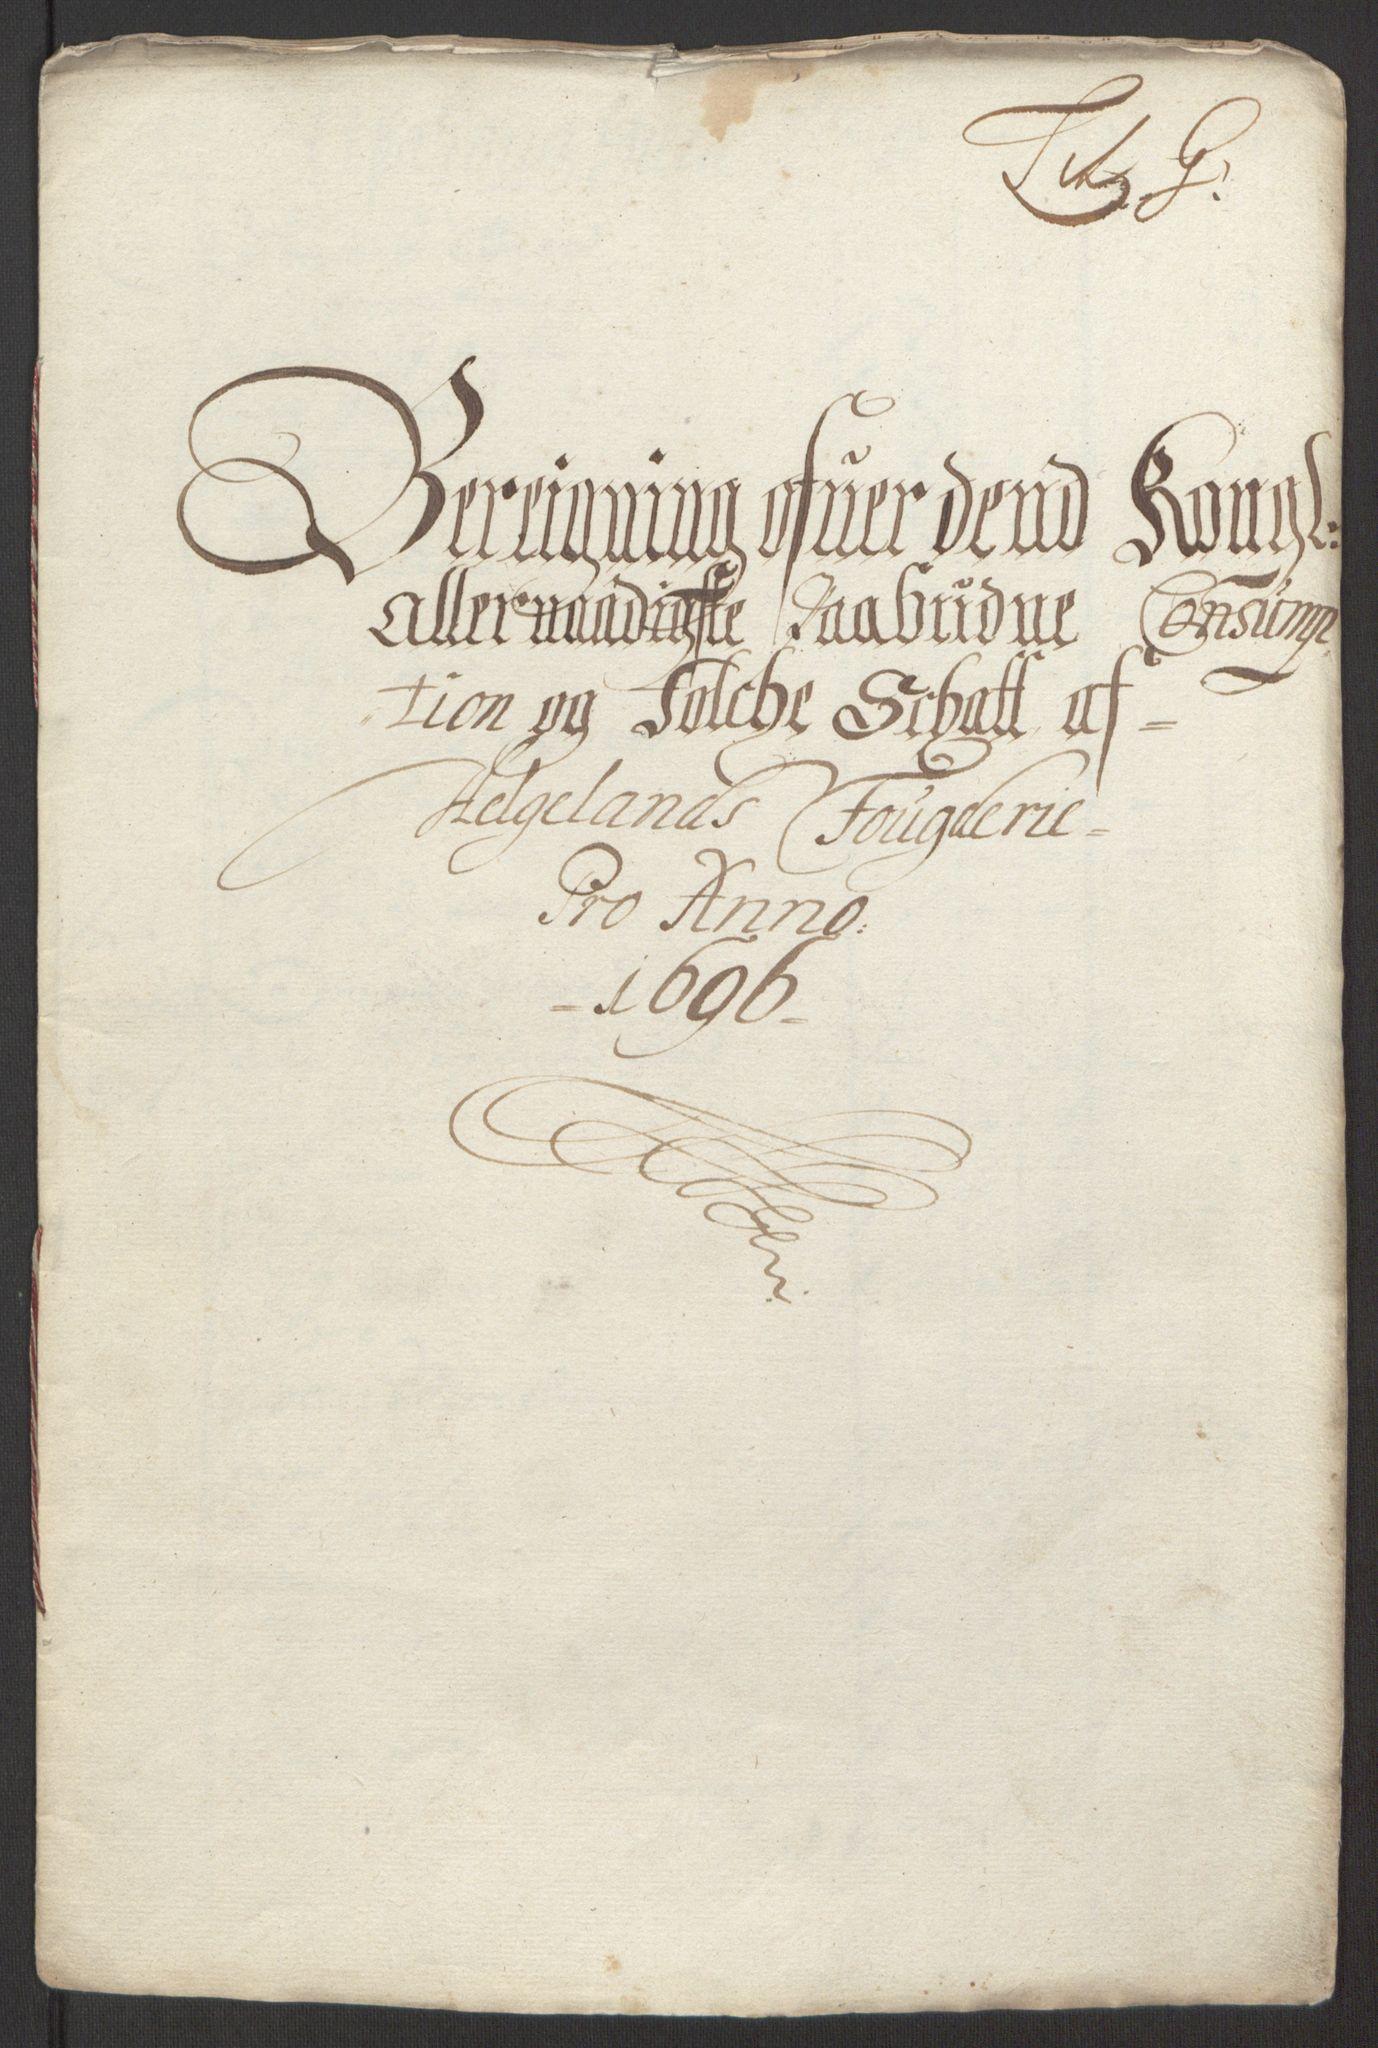 RA, Rentekammeret inntil 1814, Reviderte regnskaper, Fogderegnskap, R65/L4505: Fogderegnskap Helgeland, 1693-1696, s. 512